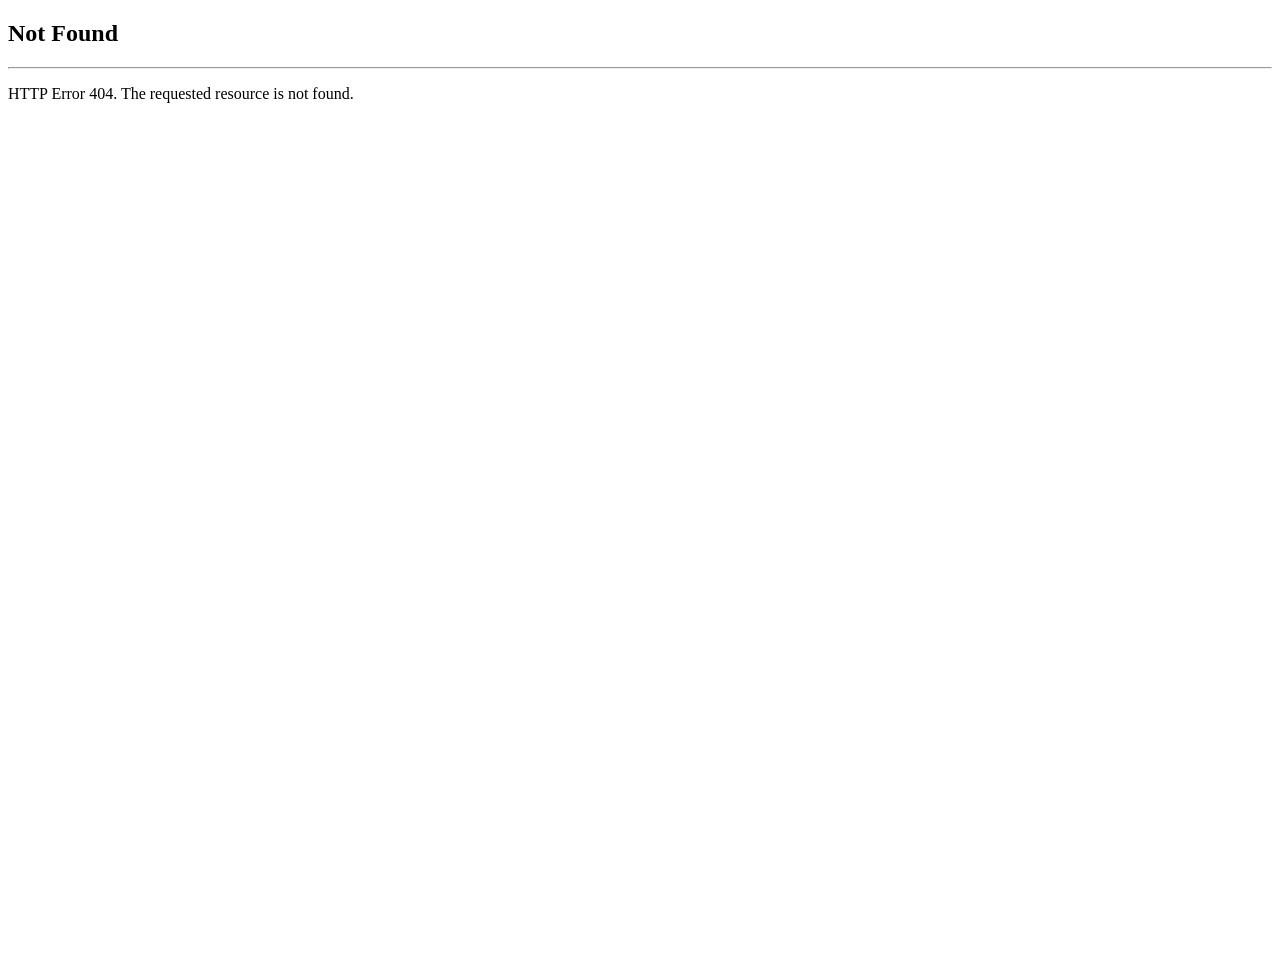 【轉知】中華民國藤球協會辦理「110年全國藤球團體錦標賽」競賽規程